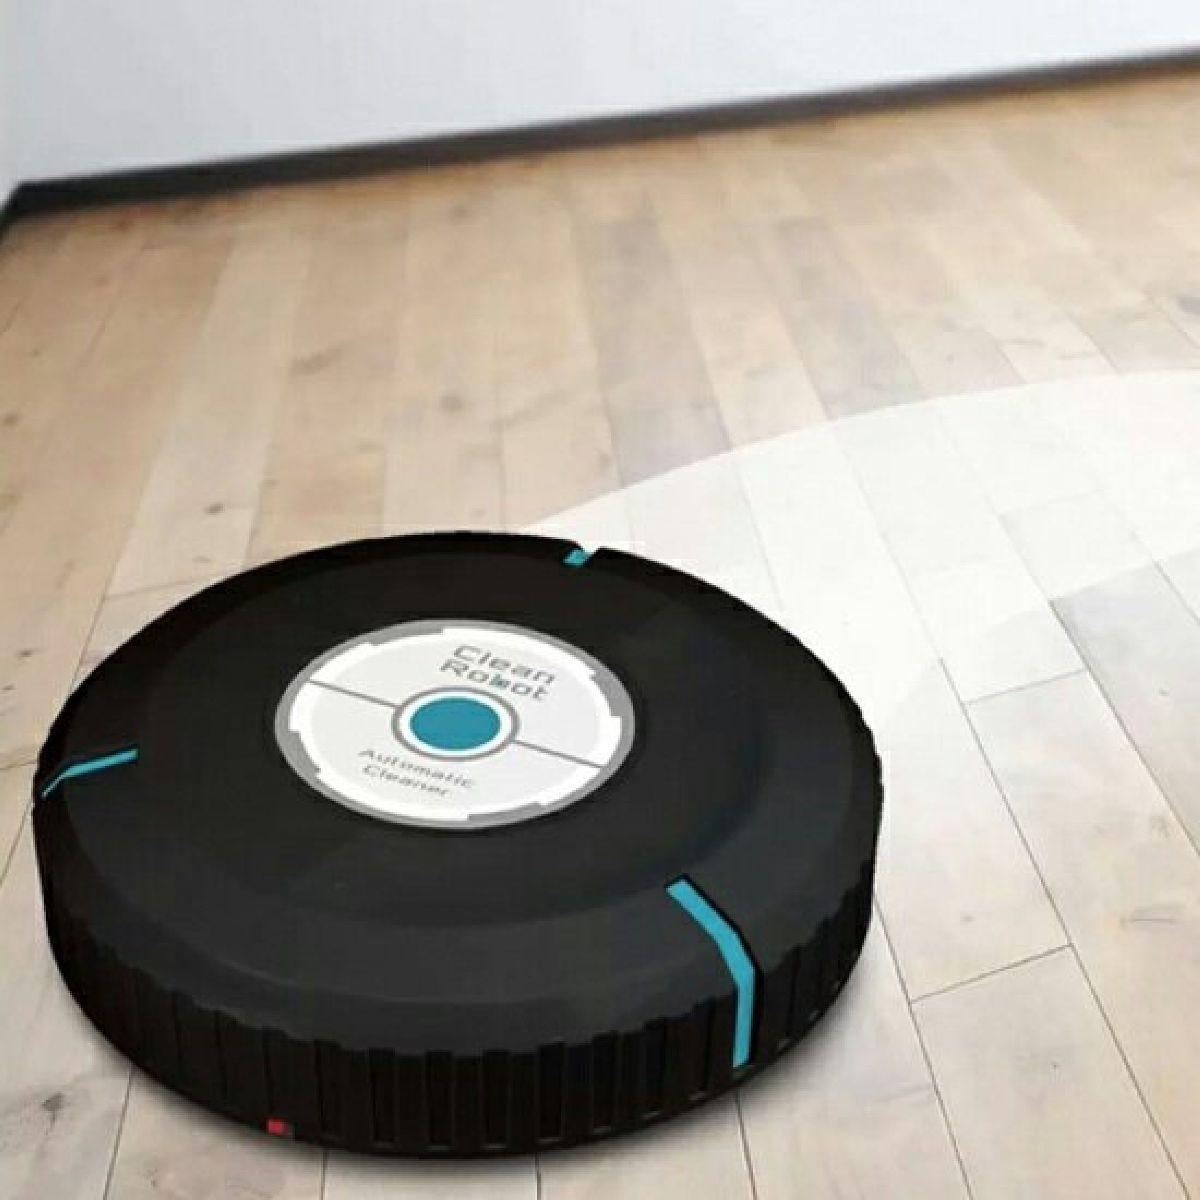 Clean Robot cho khả năng làm sạch vượt trội hơn các công cụ vệ sinh thông thường